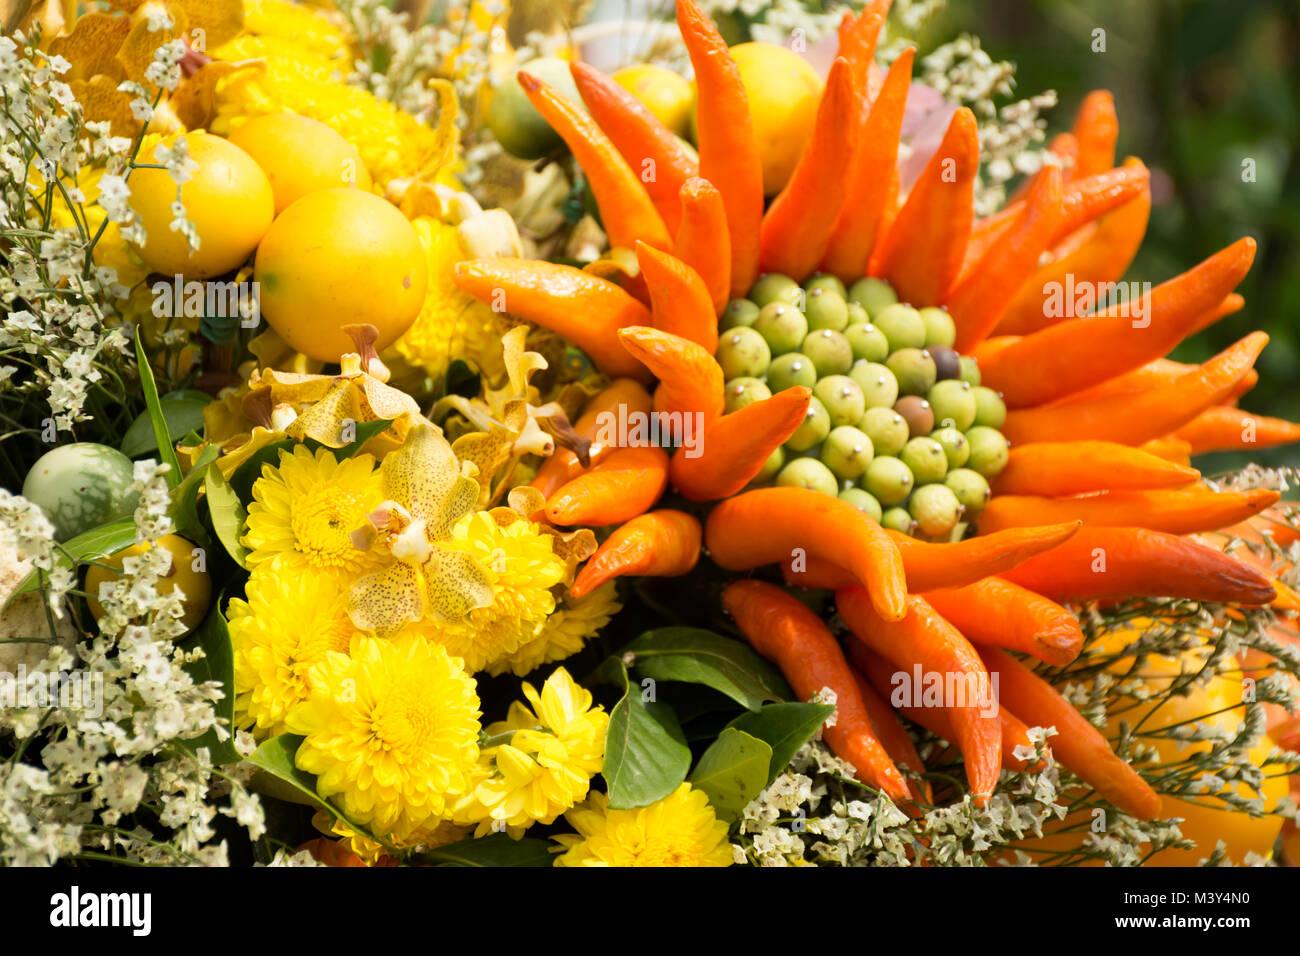 Dekoration Von Obst Und Gemuse Und Blumen Fur Reisende Menschen